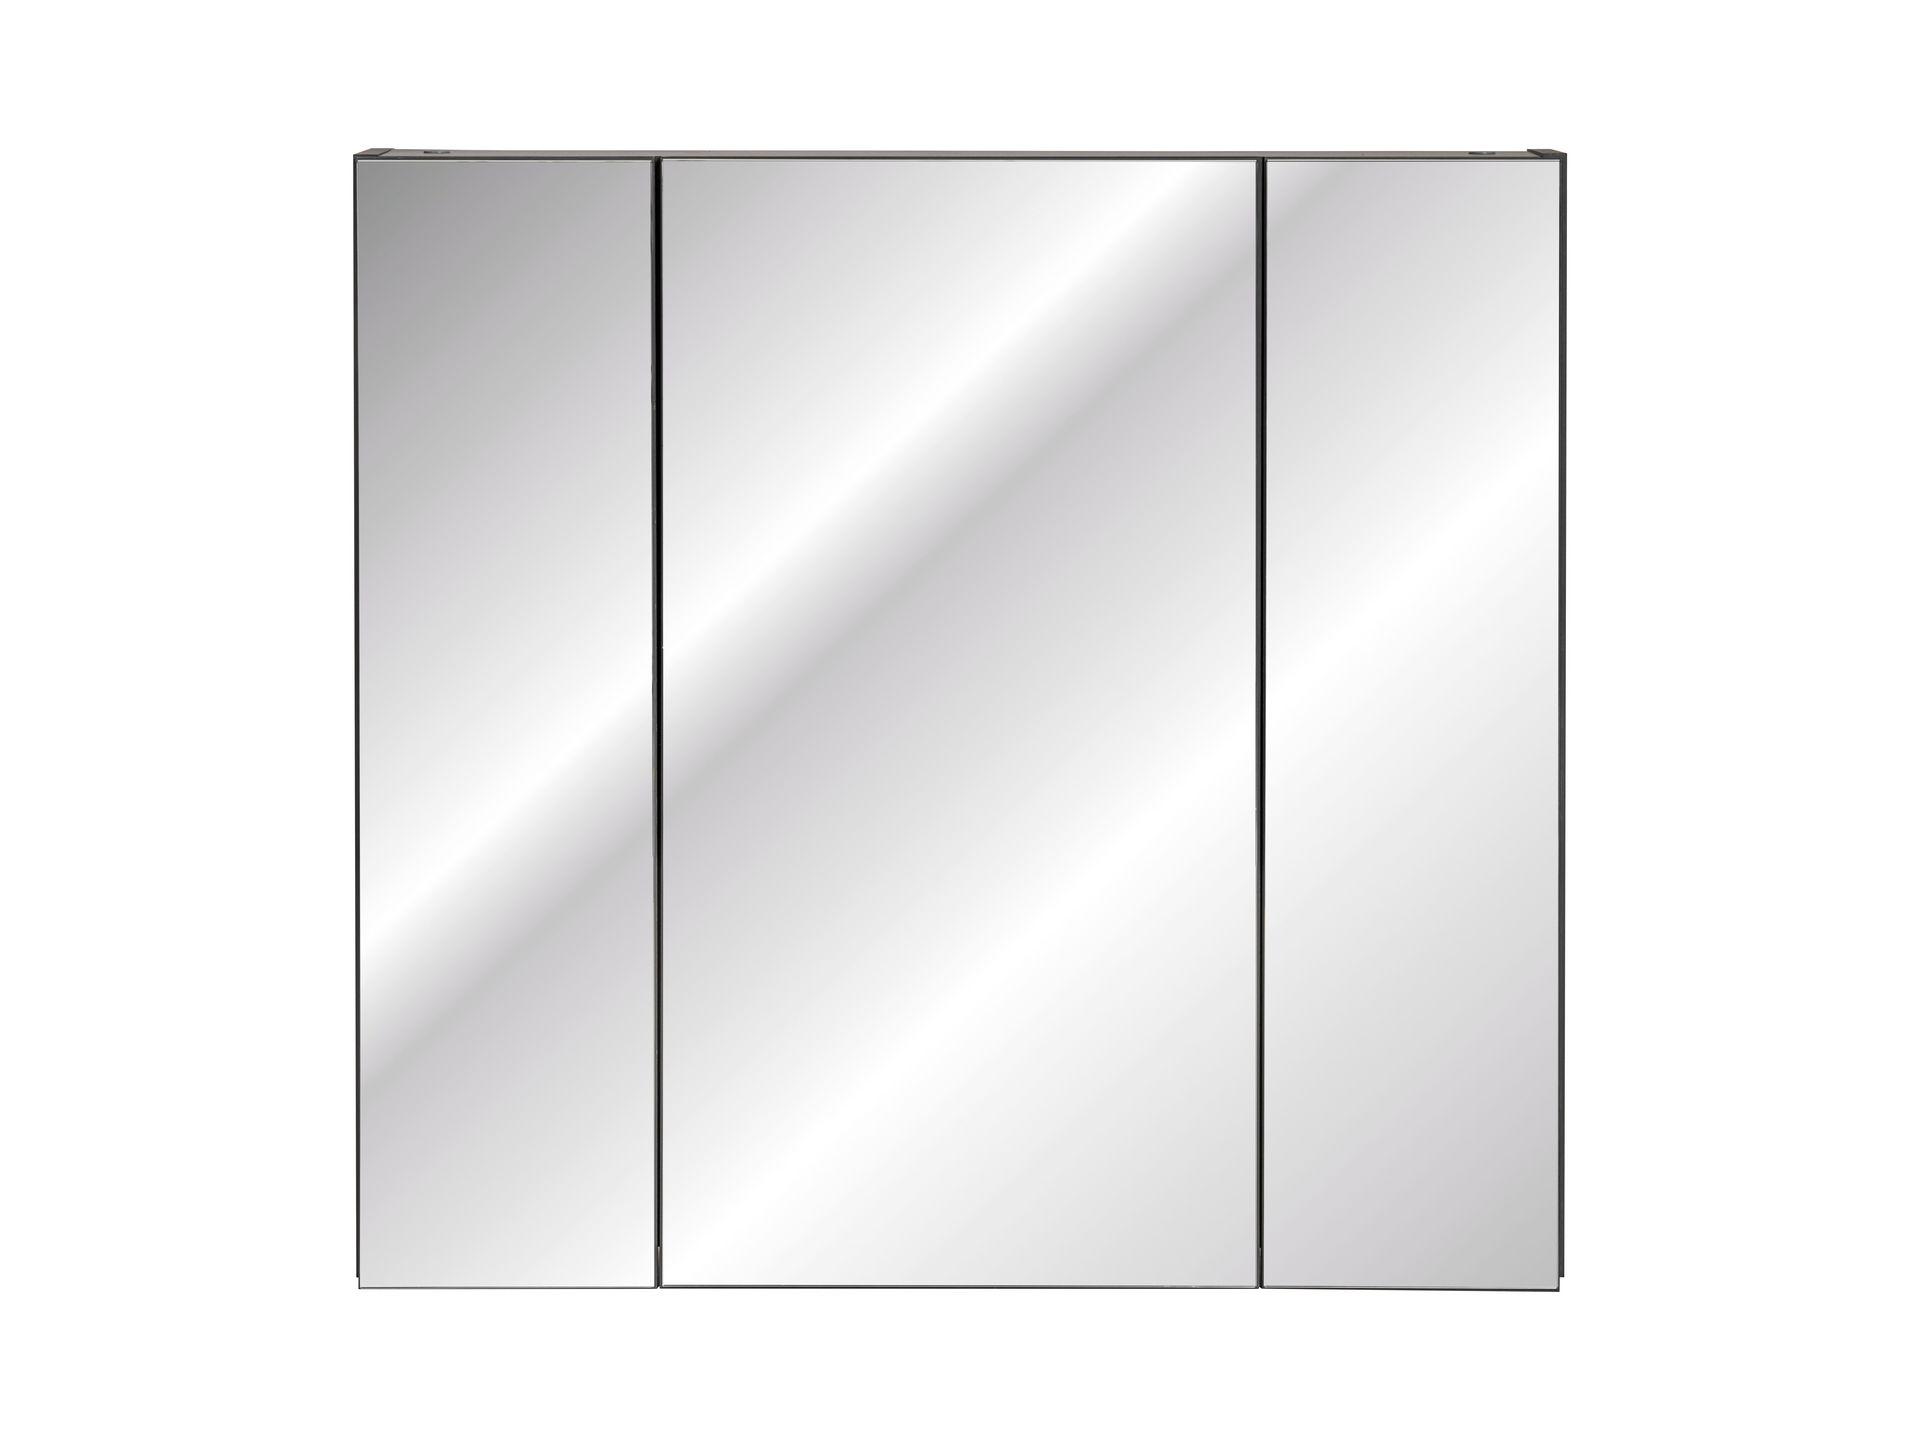 ArtCom Kúpeľňová zostava Monako Grey Oak Monako: Zrkadlová skrinka Monako 841 - 75 x 80 x 16 cm